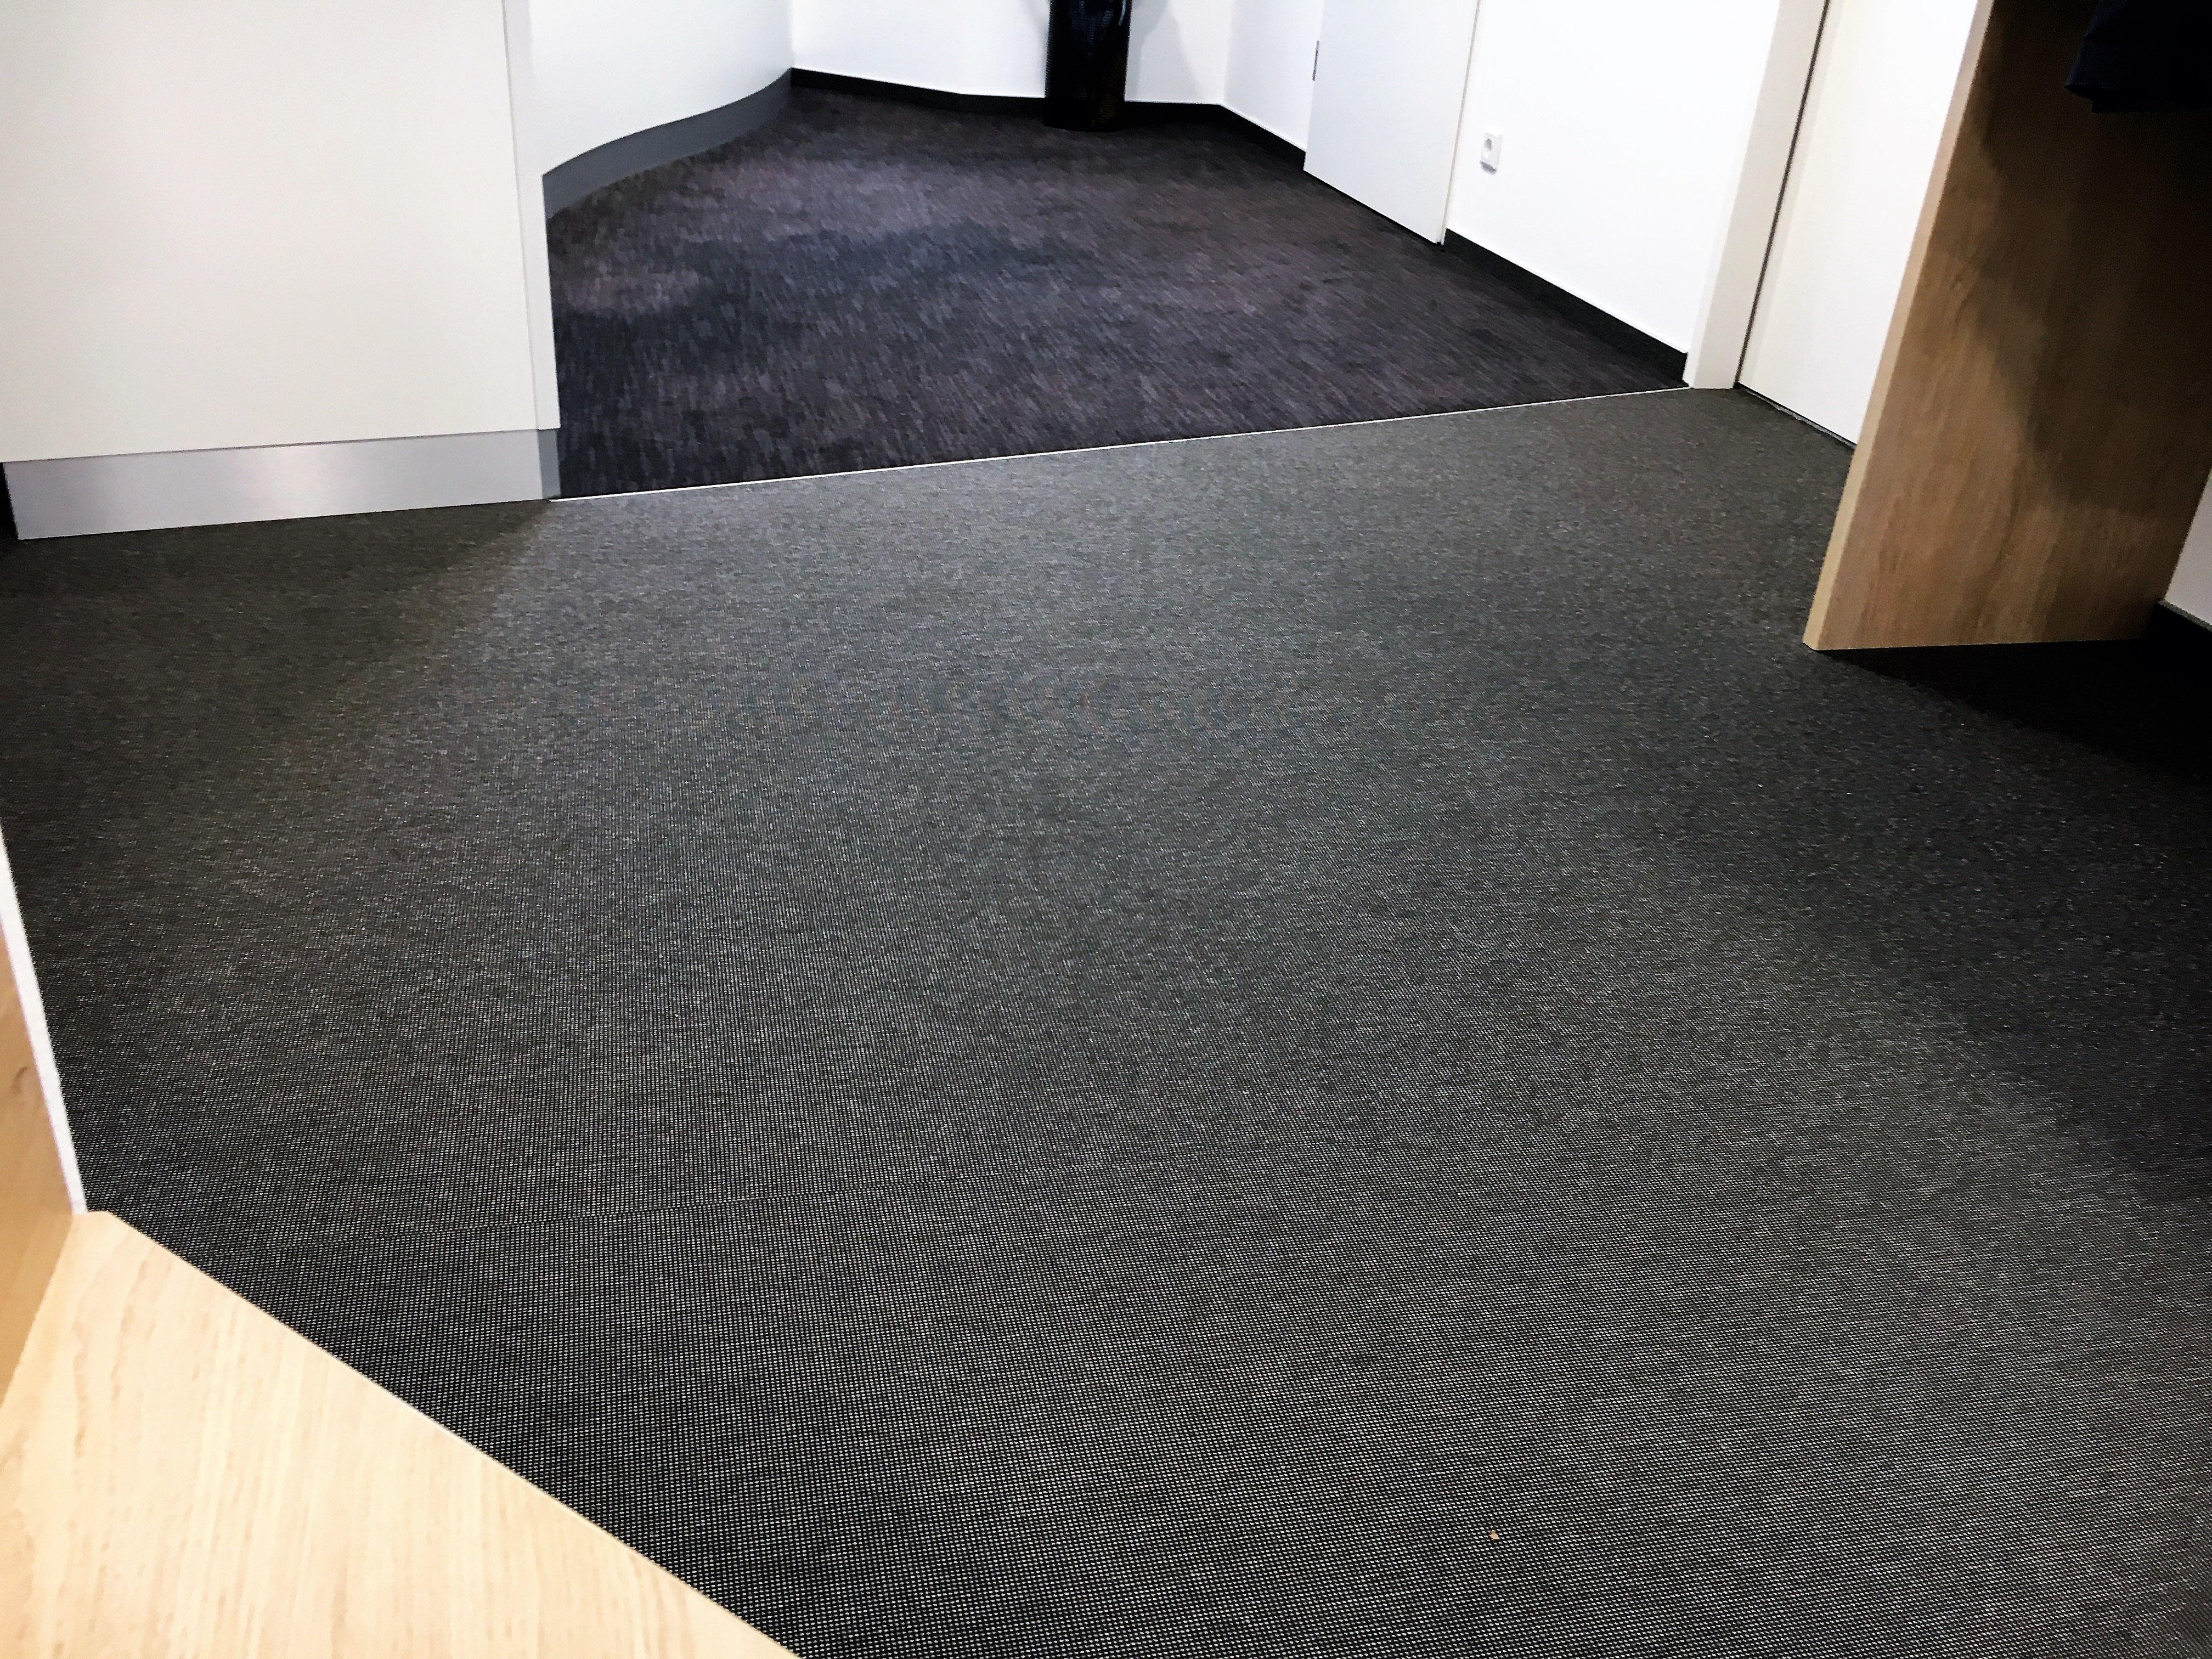 innenausbau bayern sanierung renovierung m nchen generalunternehmen innenausbau m nchen. Black Bedroom Furniture Sets. Home Design Ideas